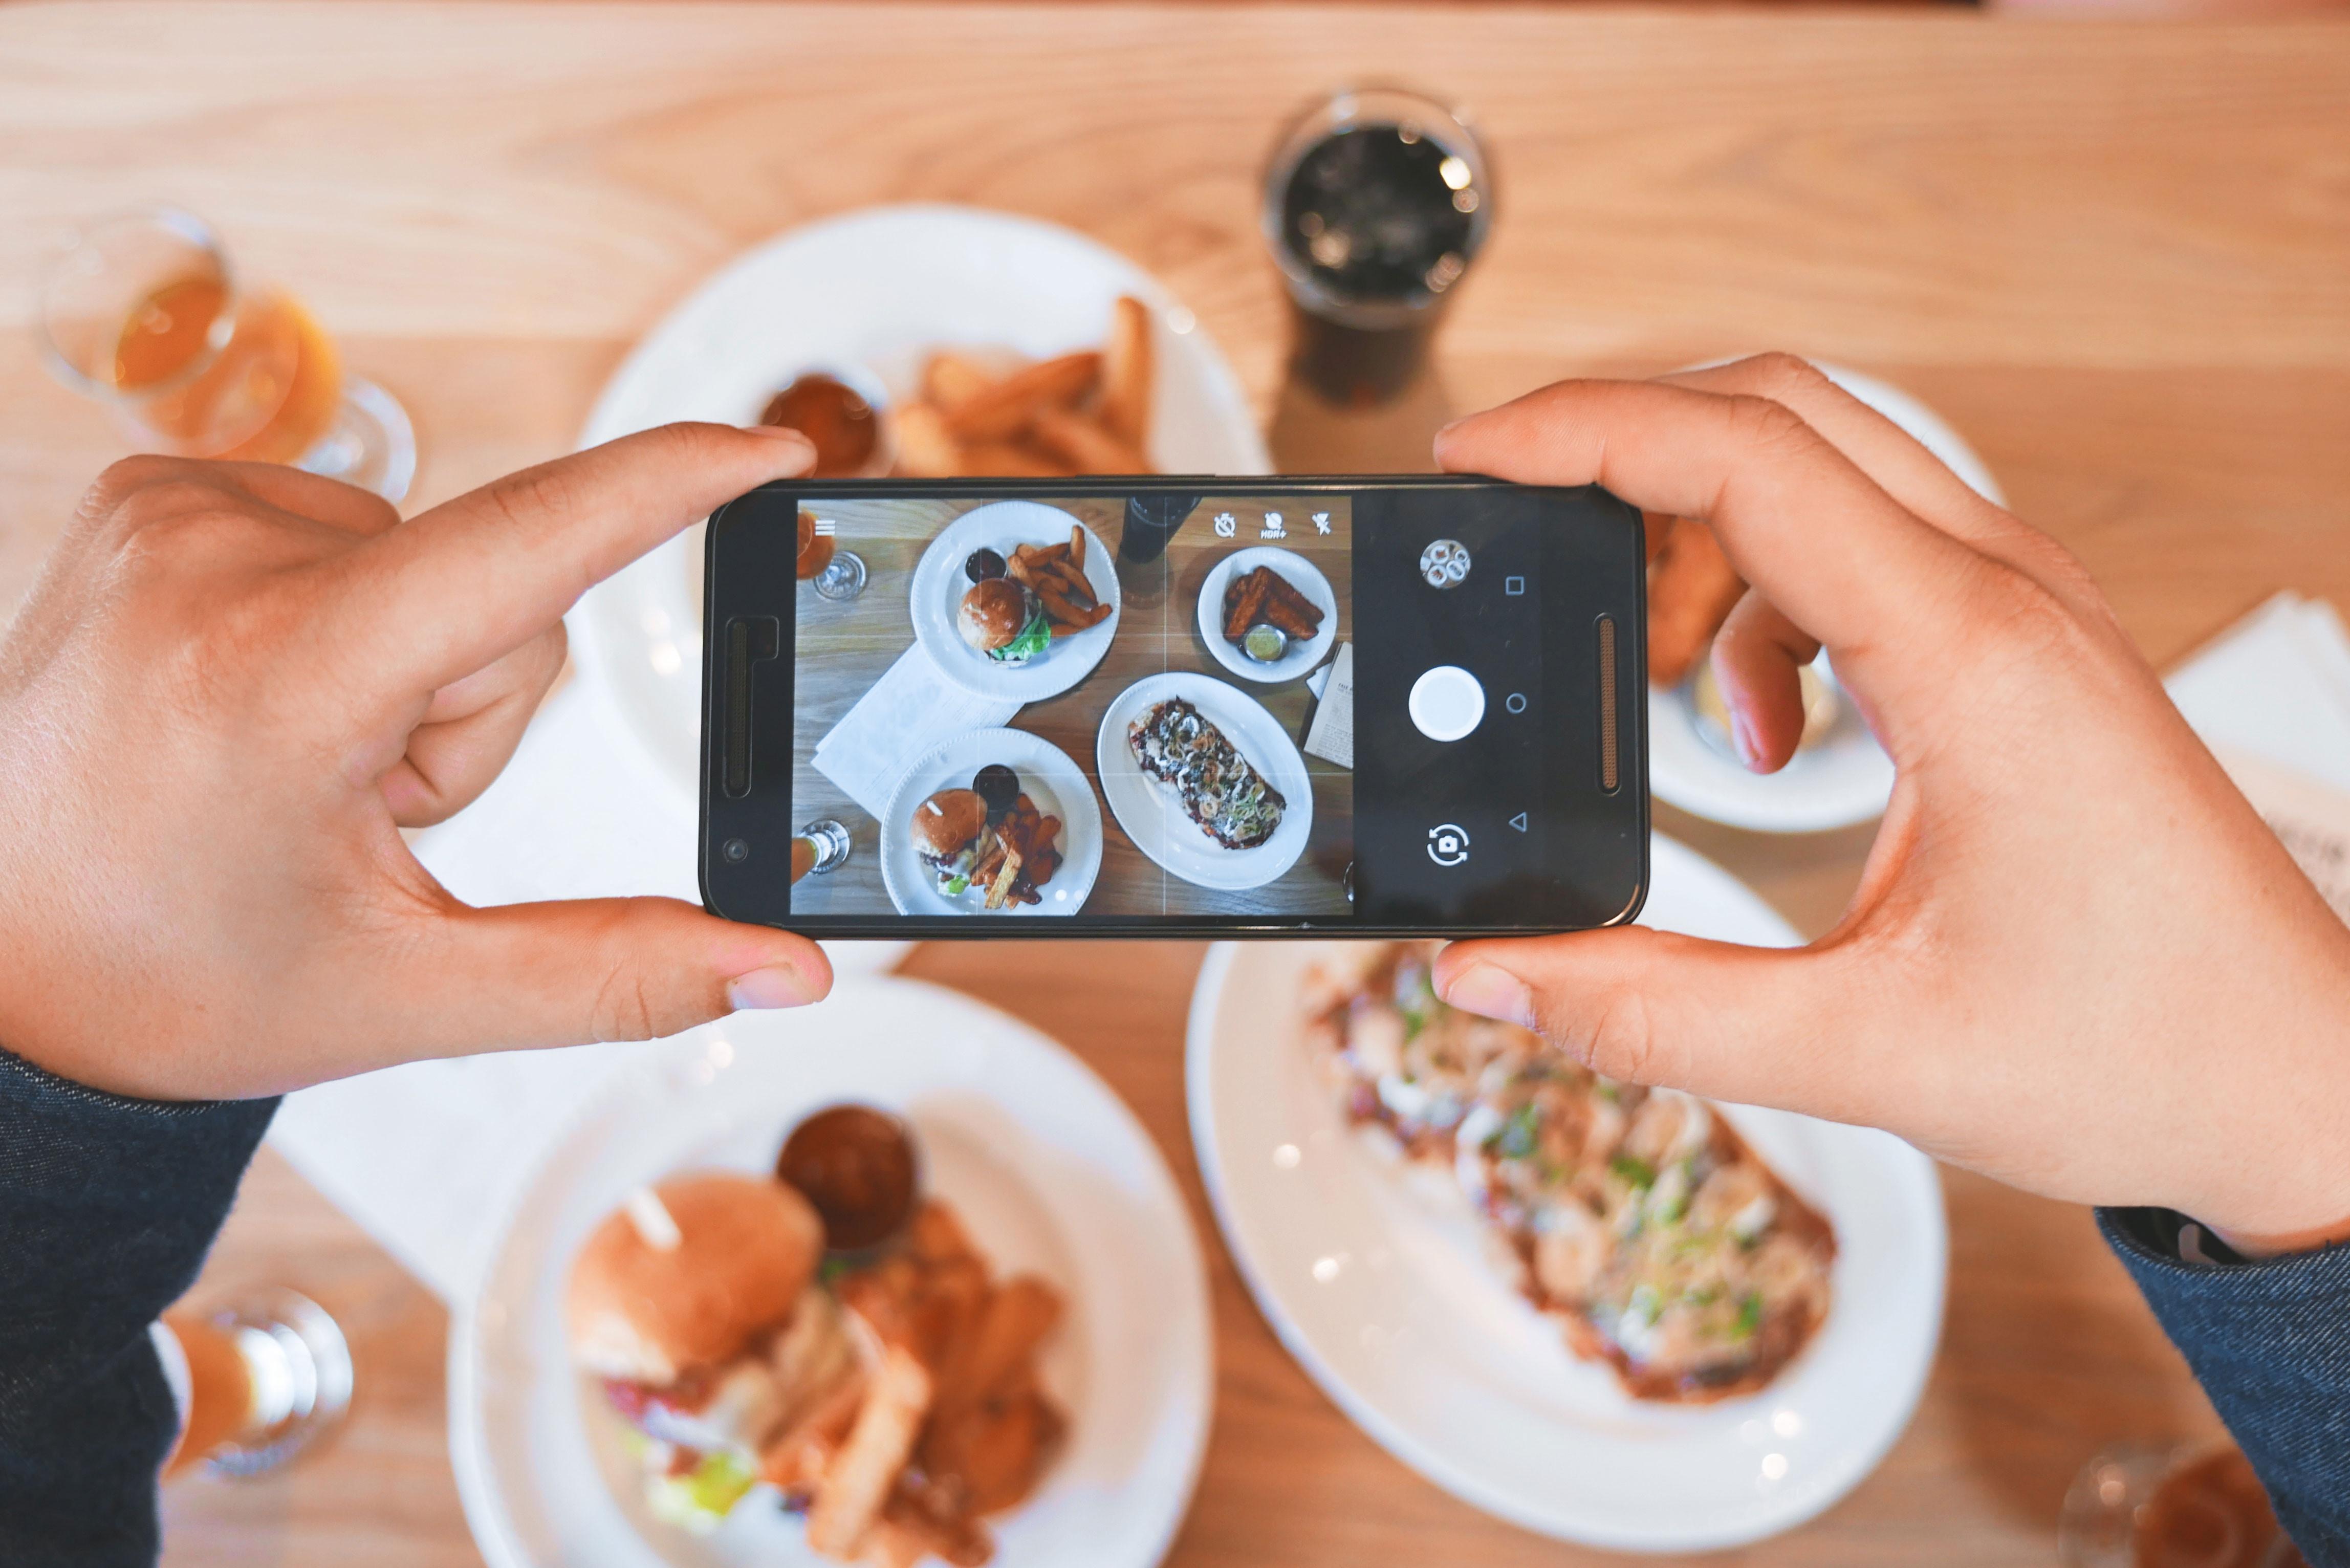 Cosa postare su Instagram: 3 contenuti da provare